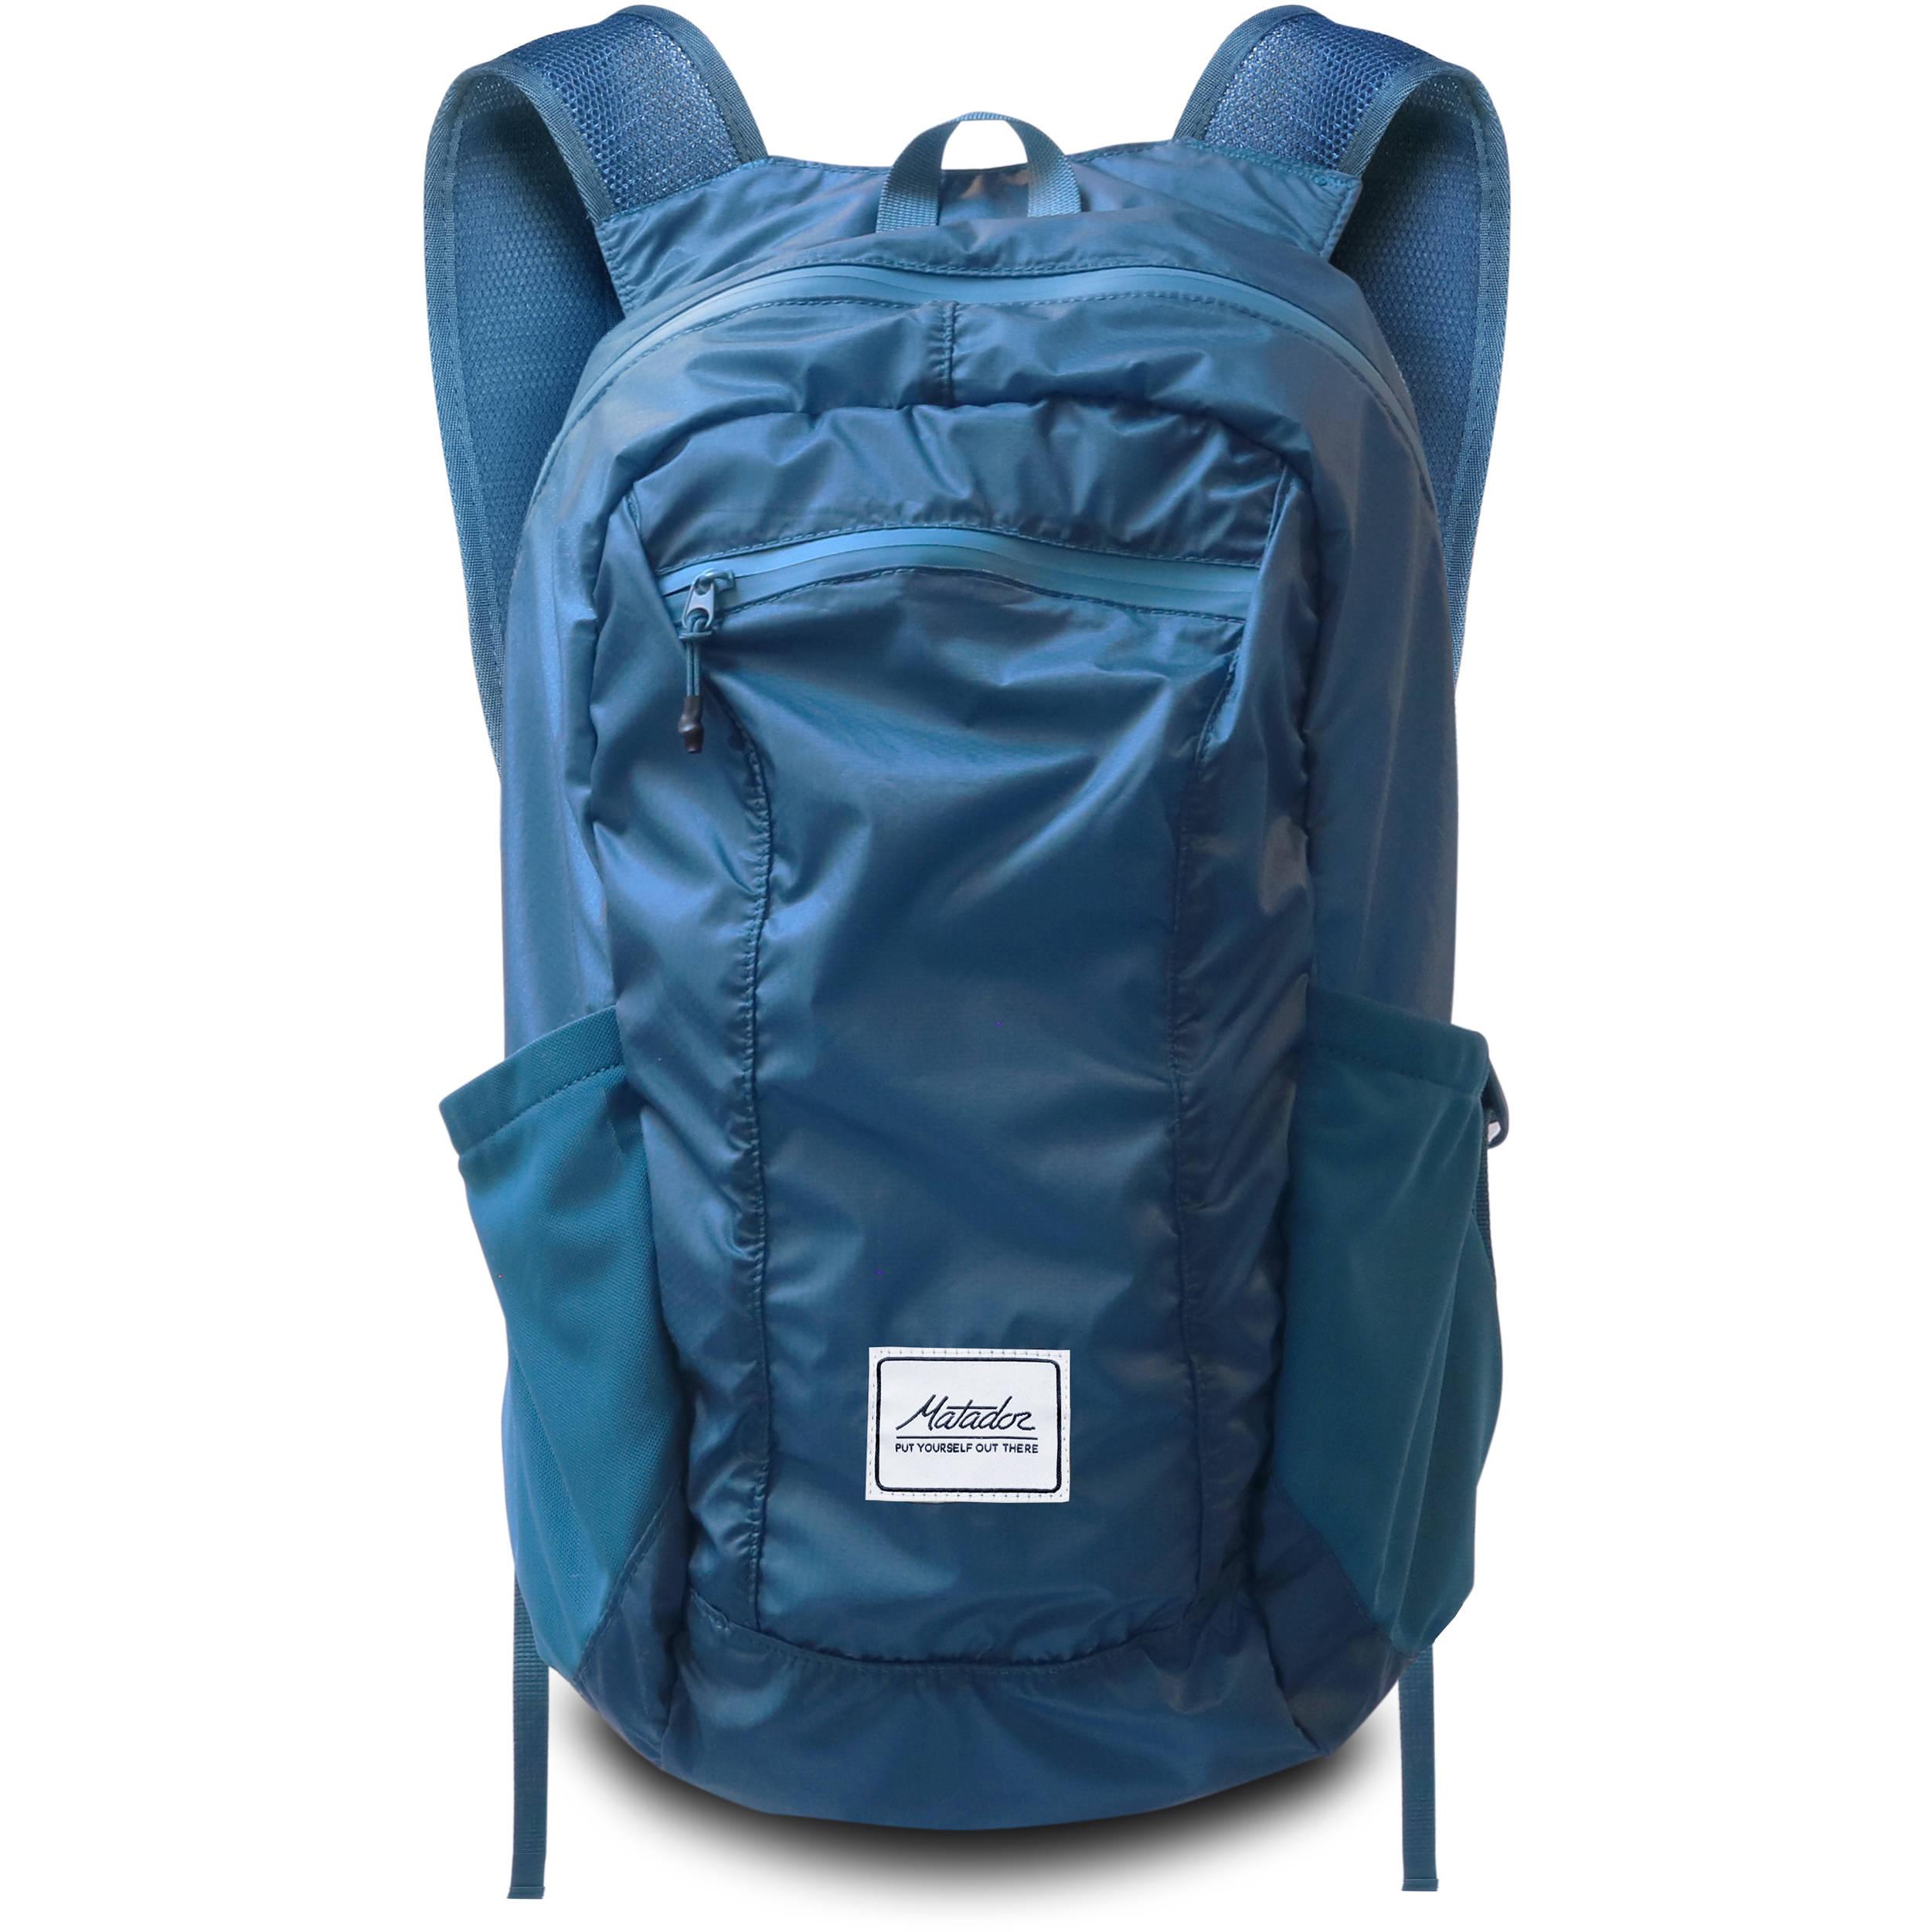 DL16 Backpack - Blue